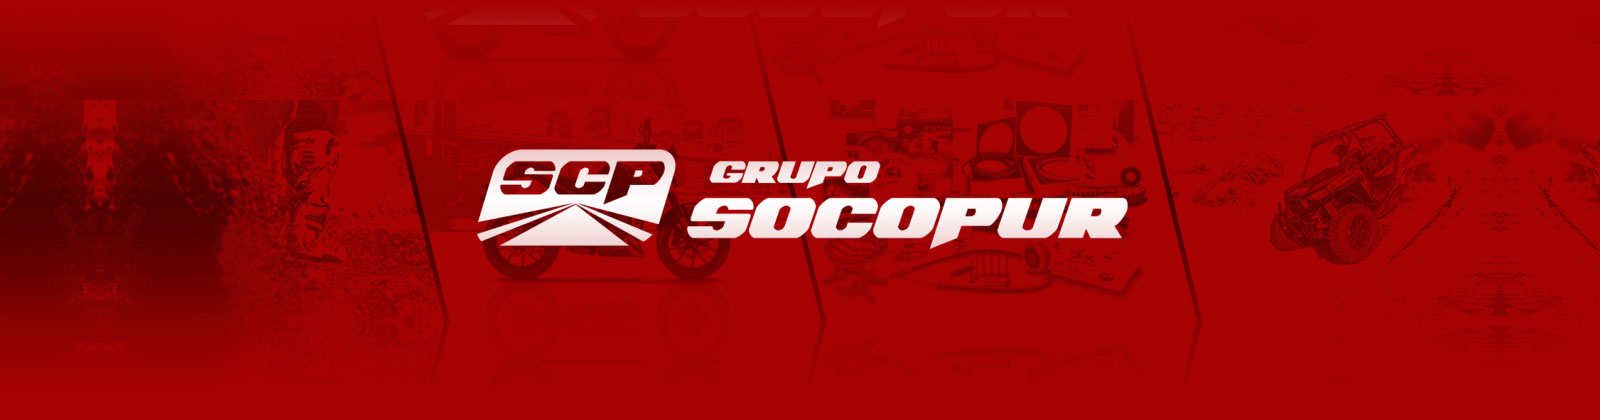 Socopur Motorsports - Nosotros 1